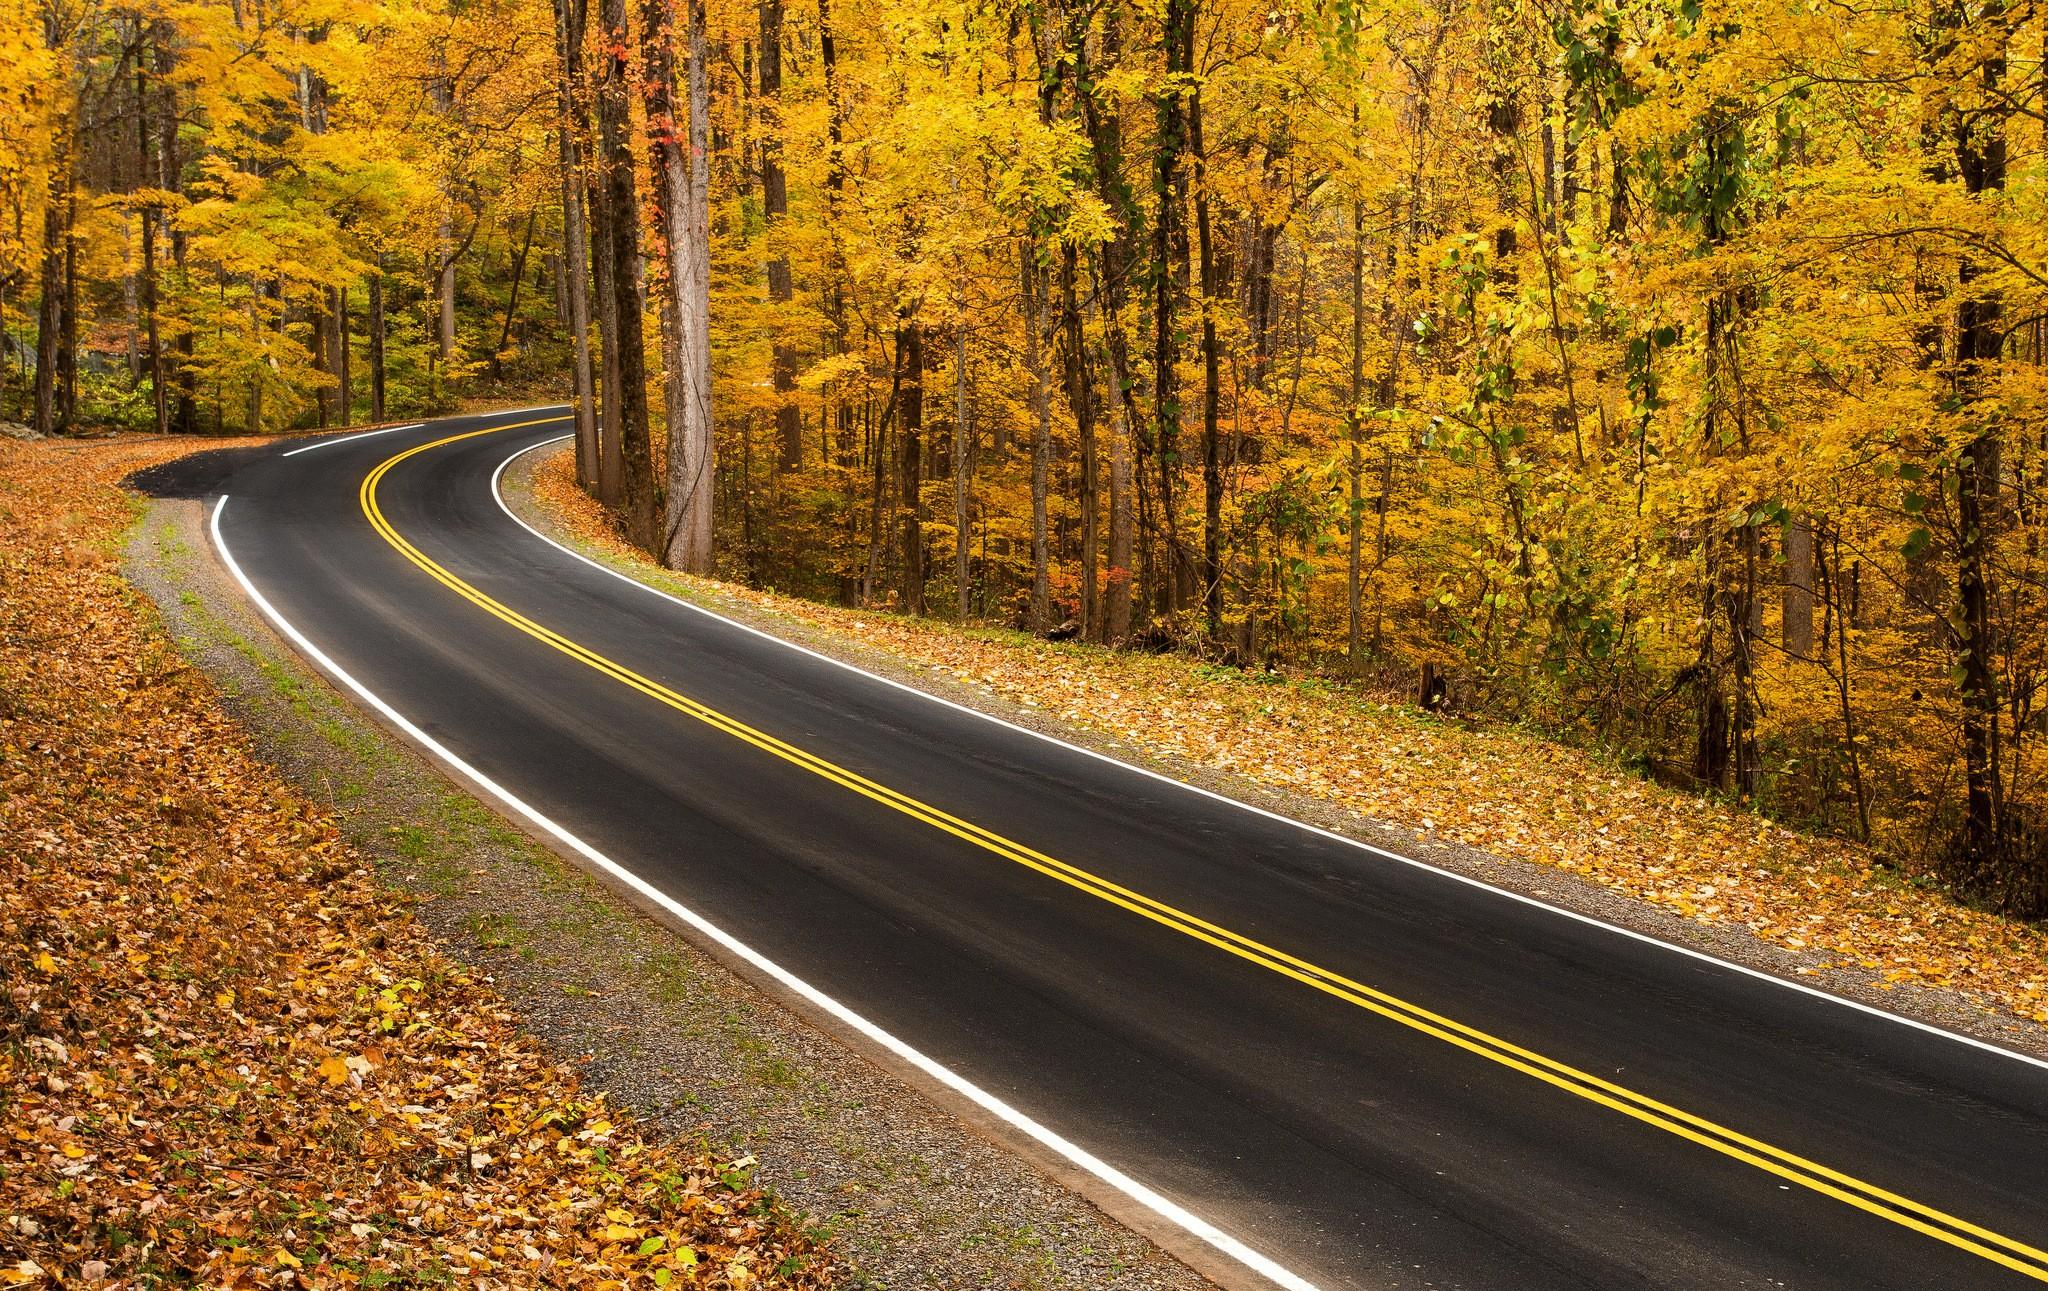 морская звезда картинки повороты лесных дорог благодарны сделаете